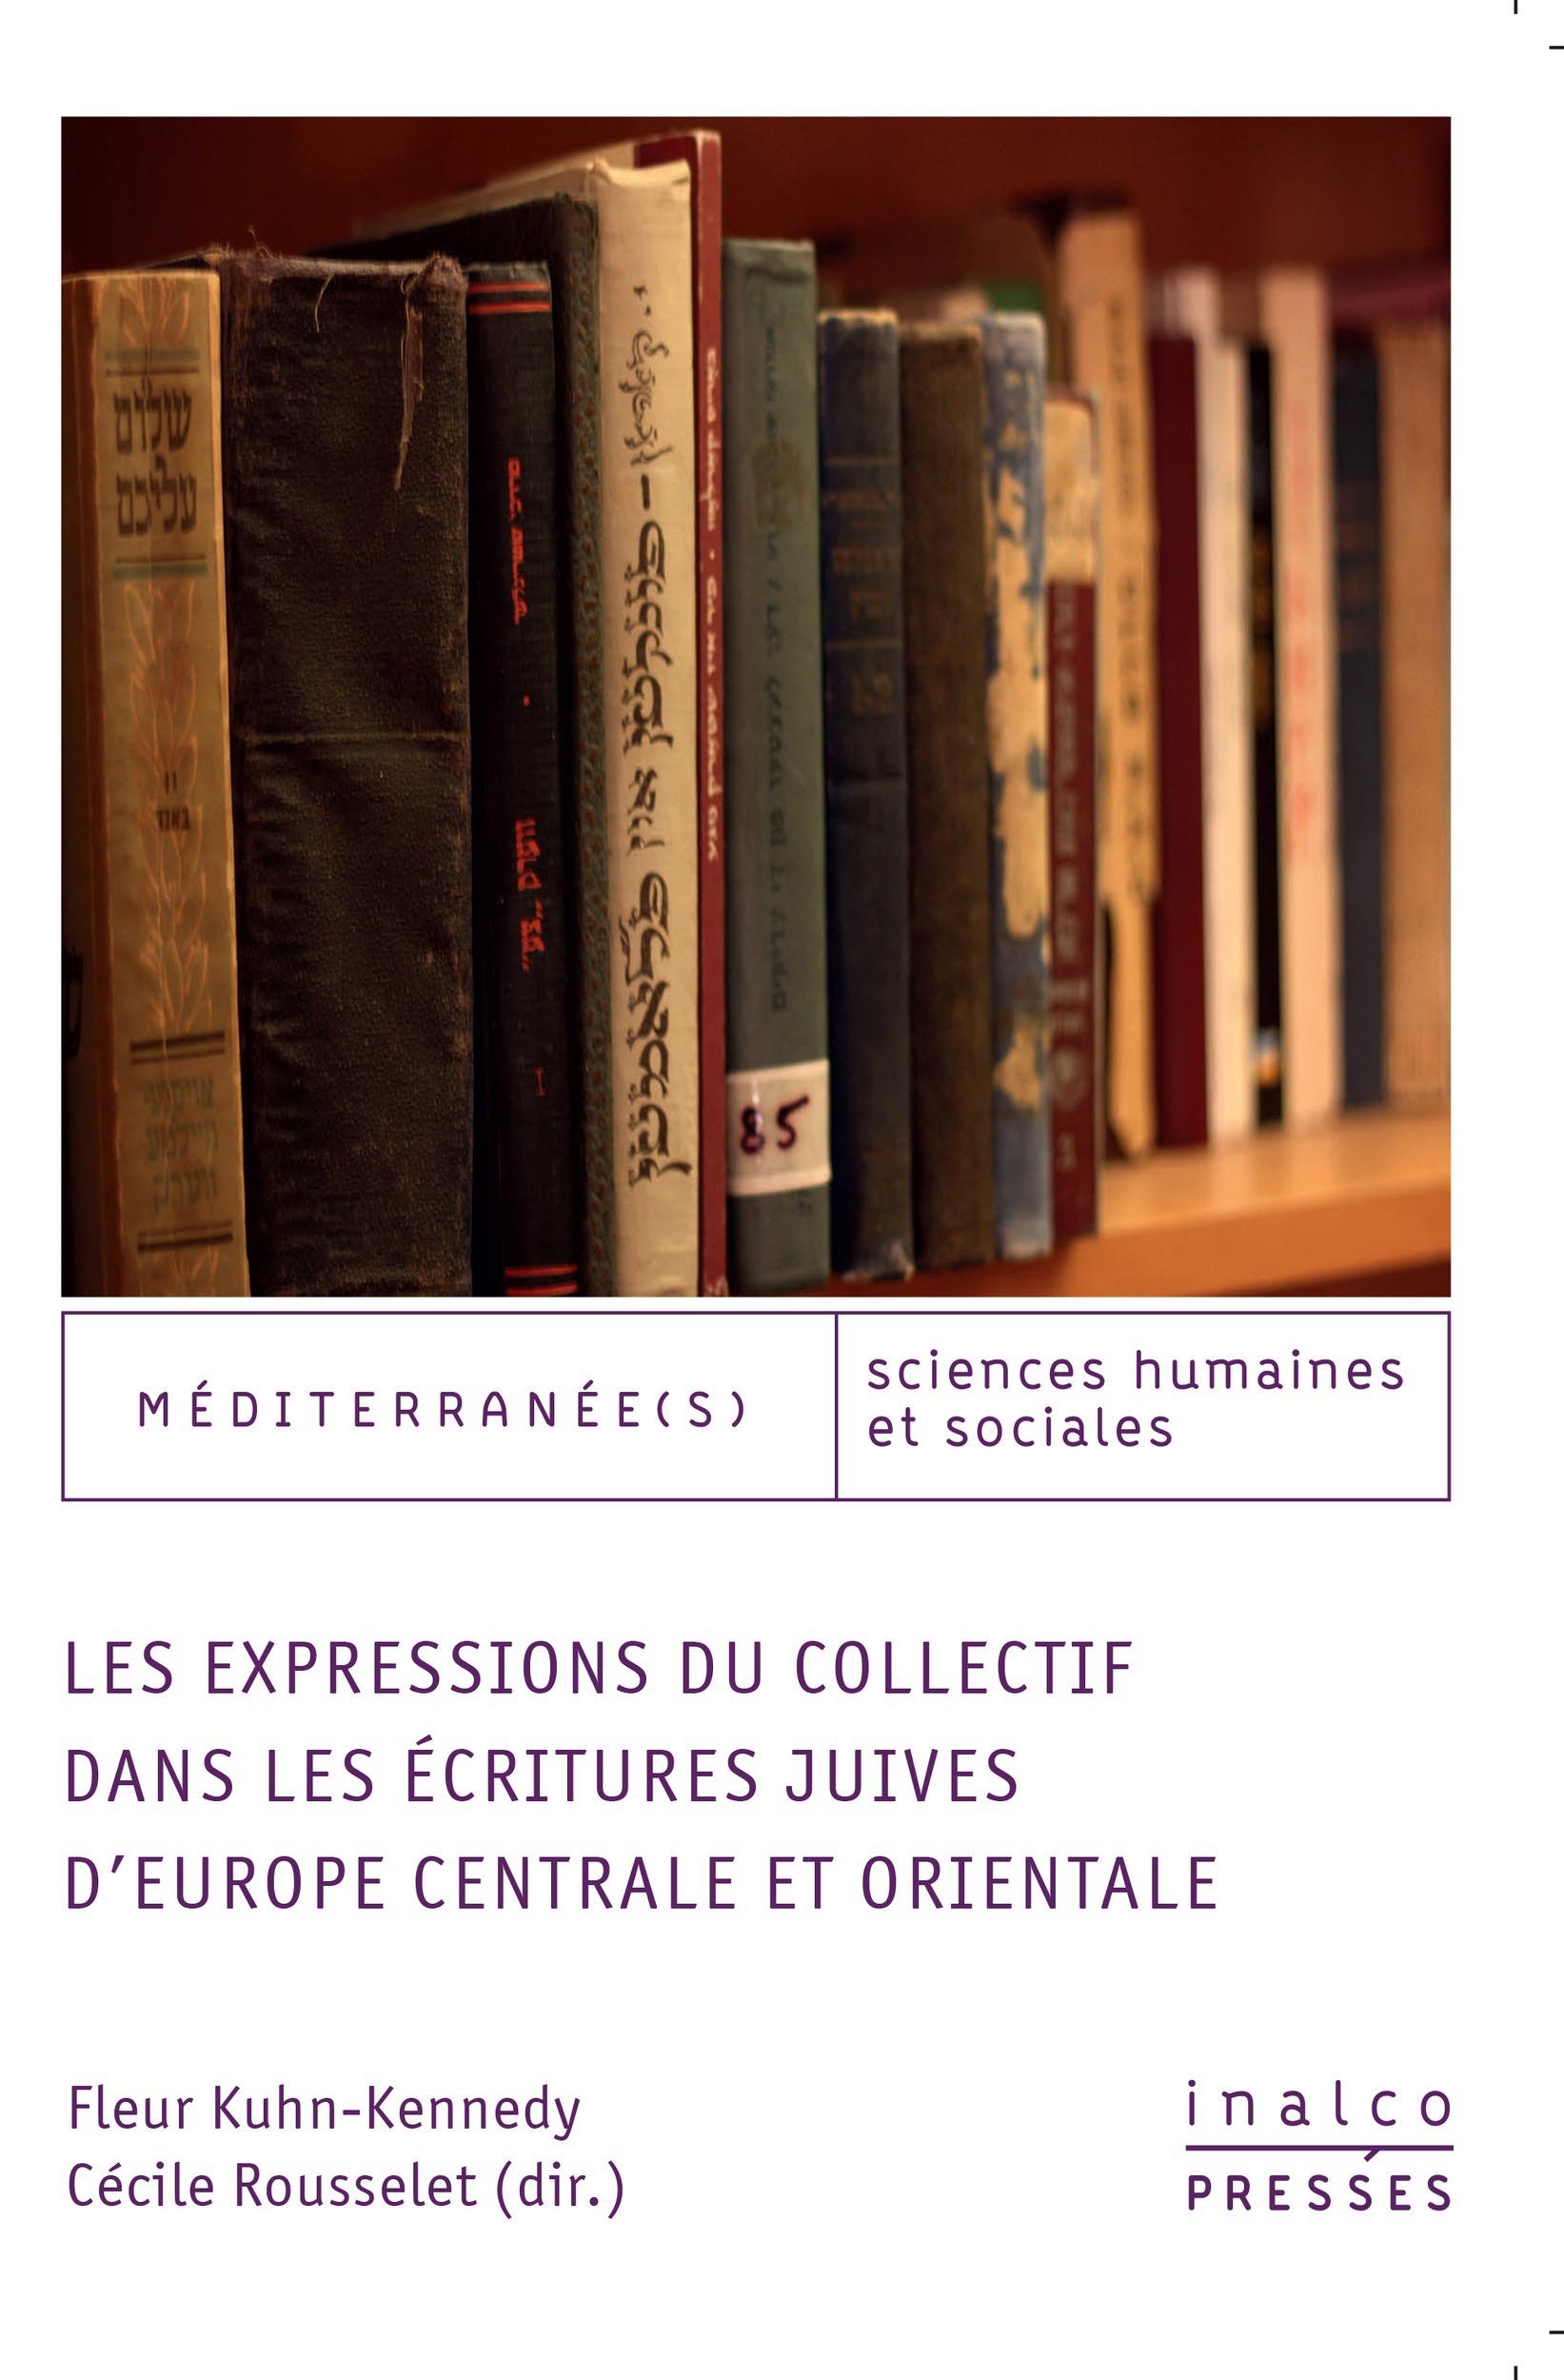 Les expressions du collectif dans les ecritures juives d'europe centrale et orie